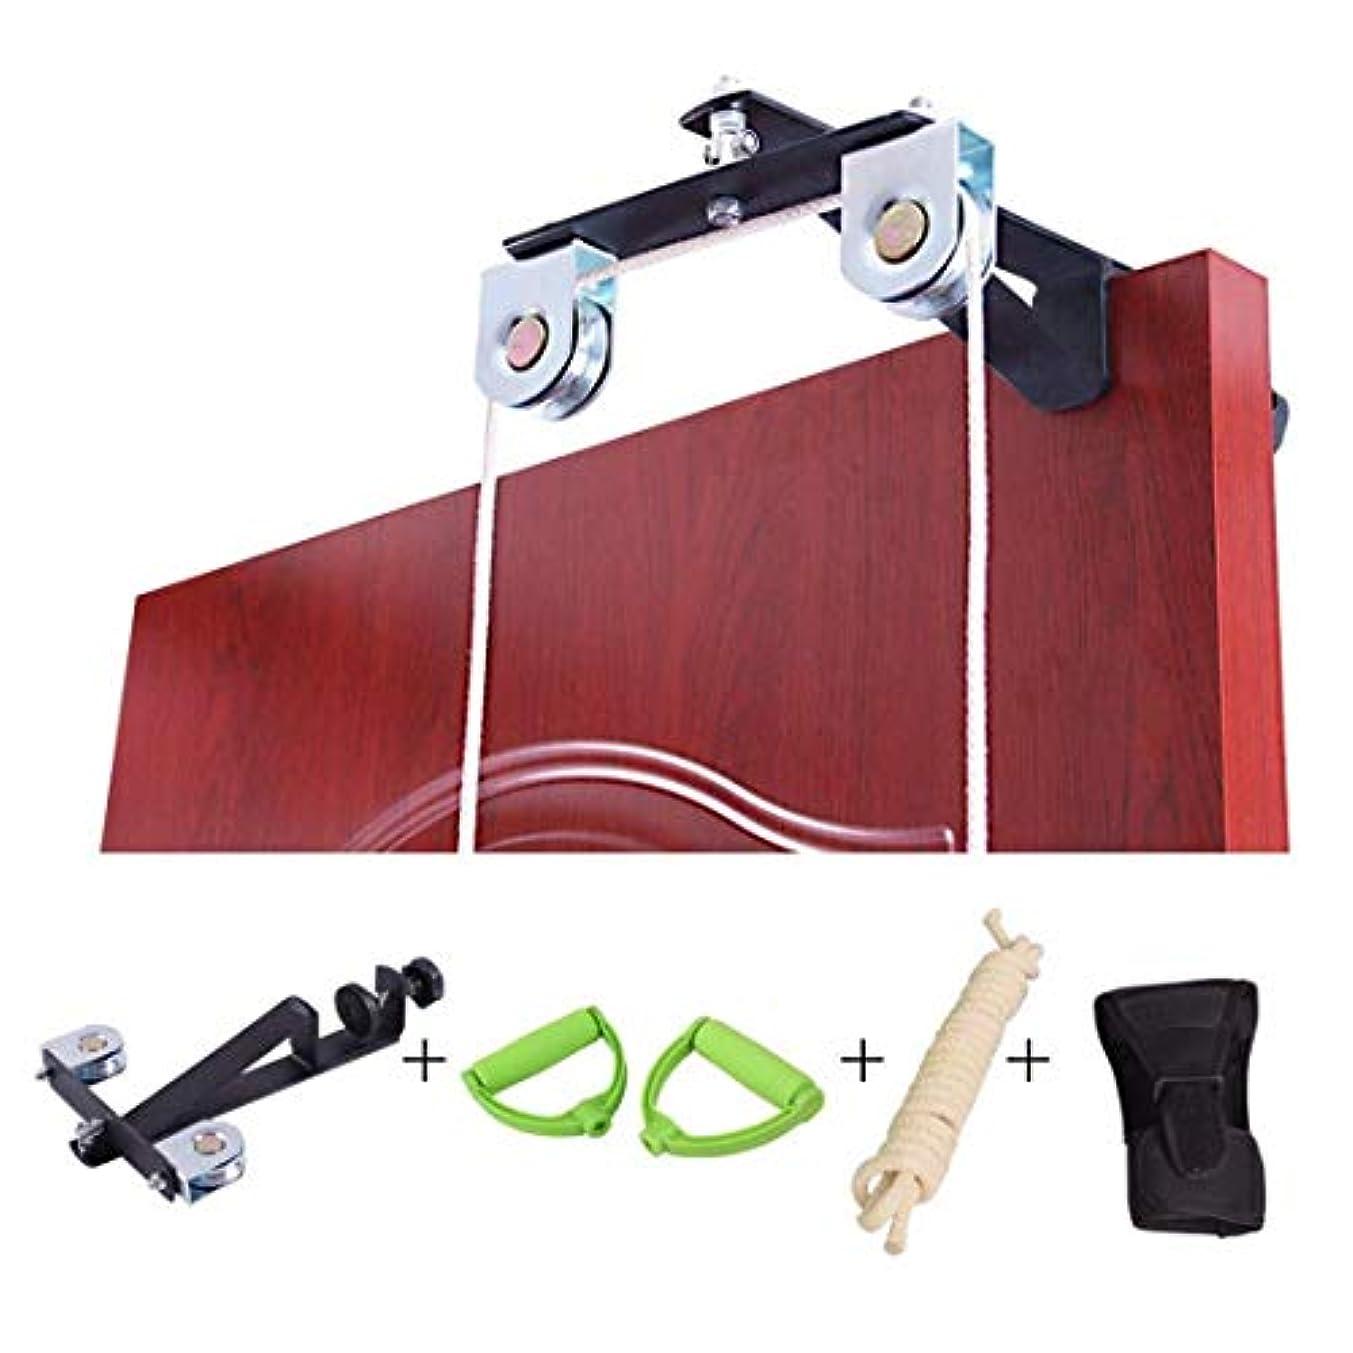 伝統錆び組滑車訓練機 肩甲骨 家庭用 肩のリハビリ機器 肩甲骨ストレッチャー 肩を大きく動かすエクササイズ